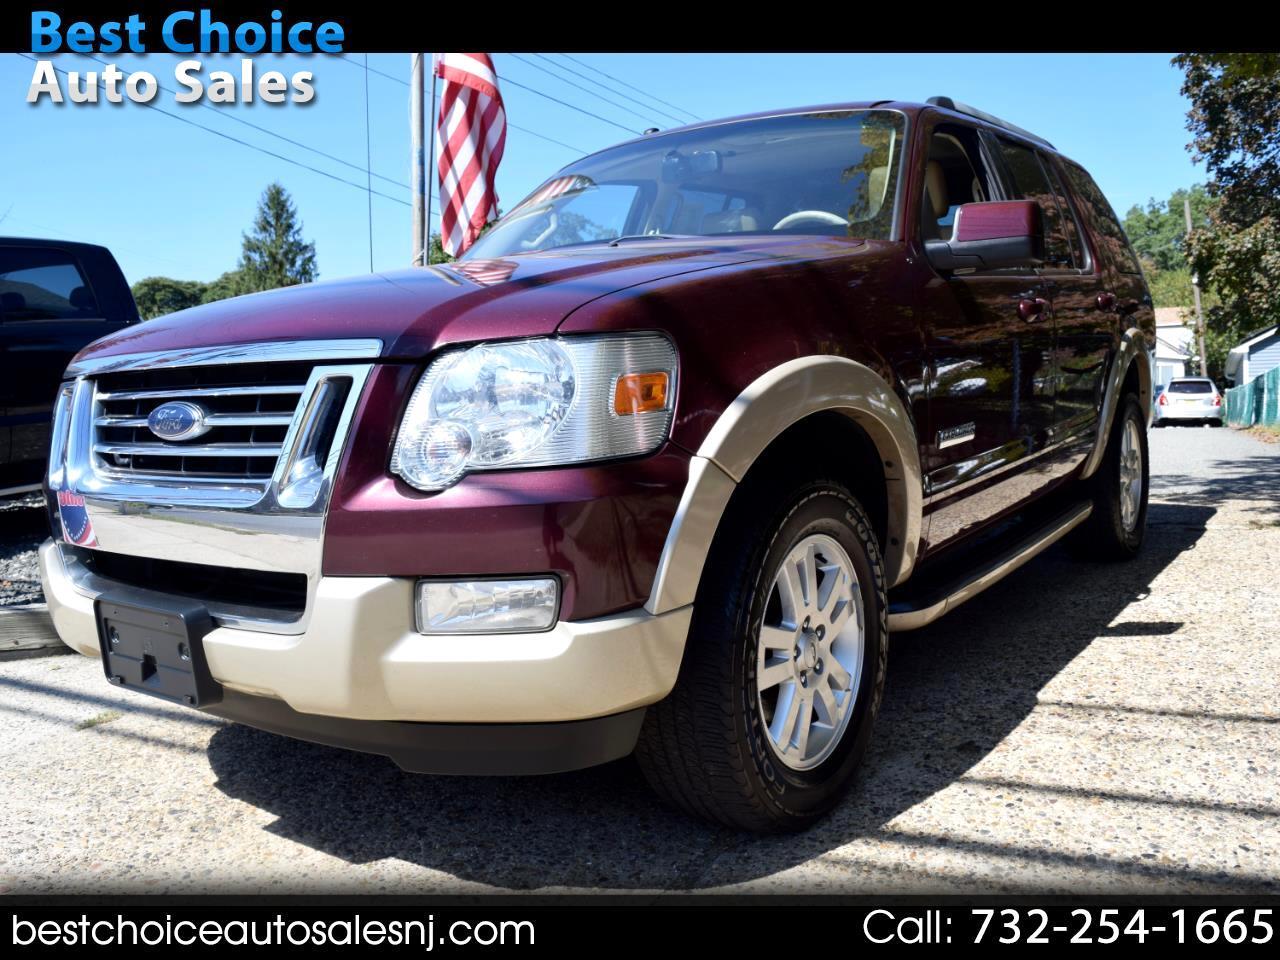 2008 Ford Explorer 4WD 4dr V6 Eddie Bauer